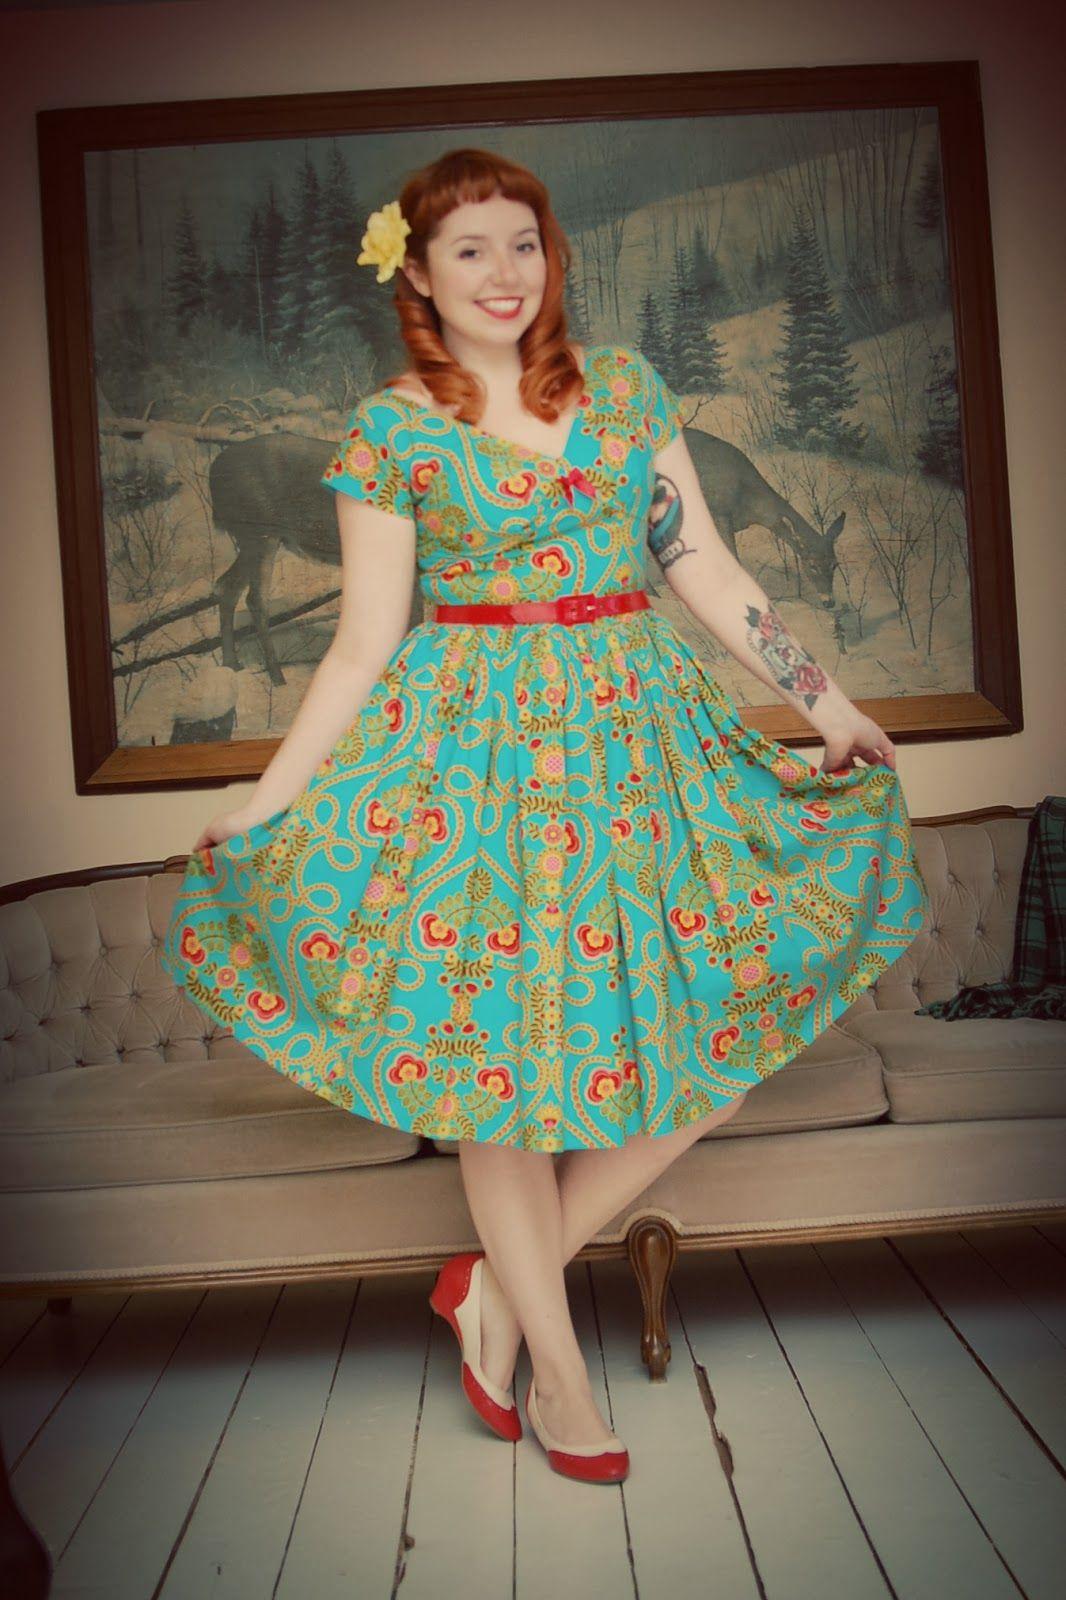 small town big smile bernie dexter jewel brint dress vintage box